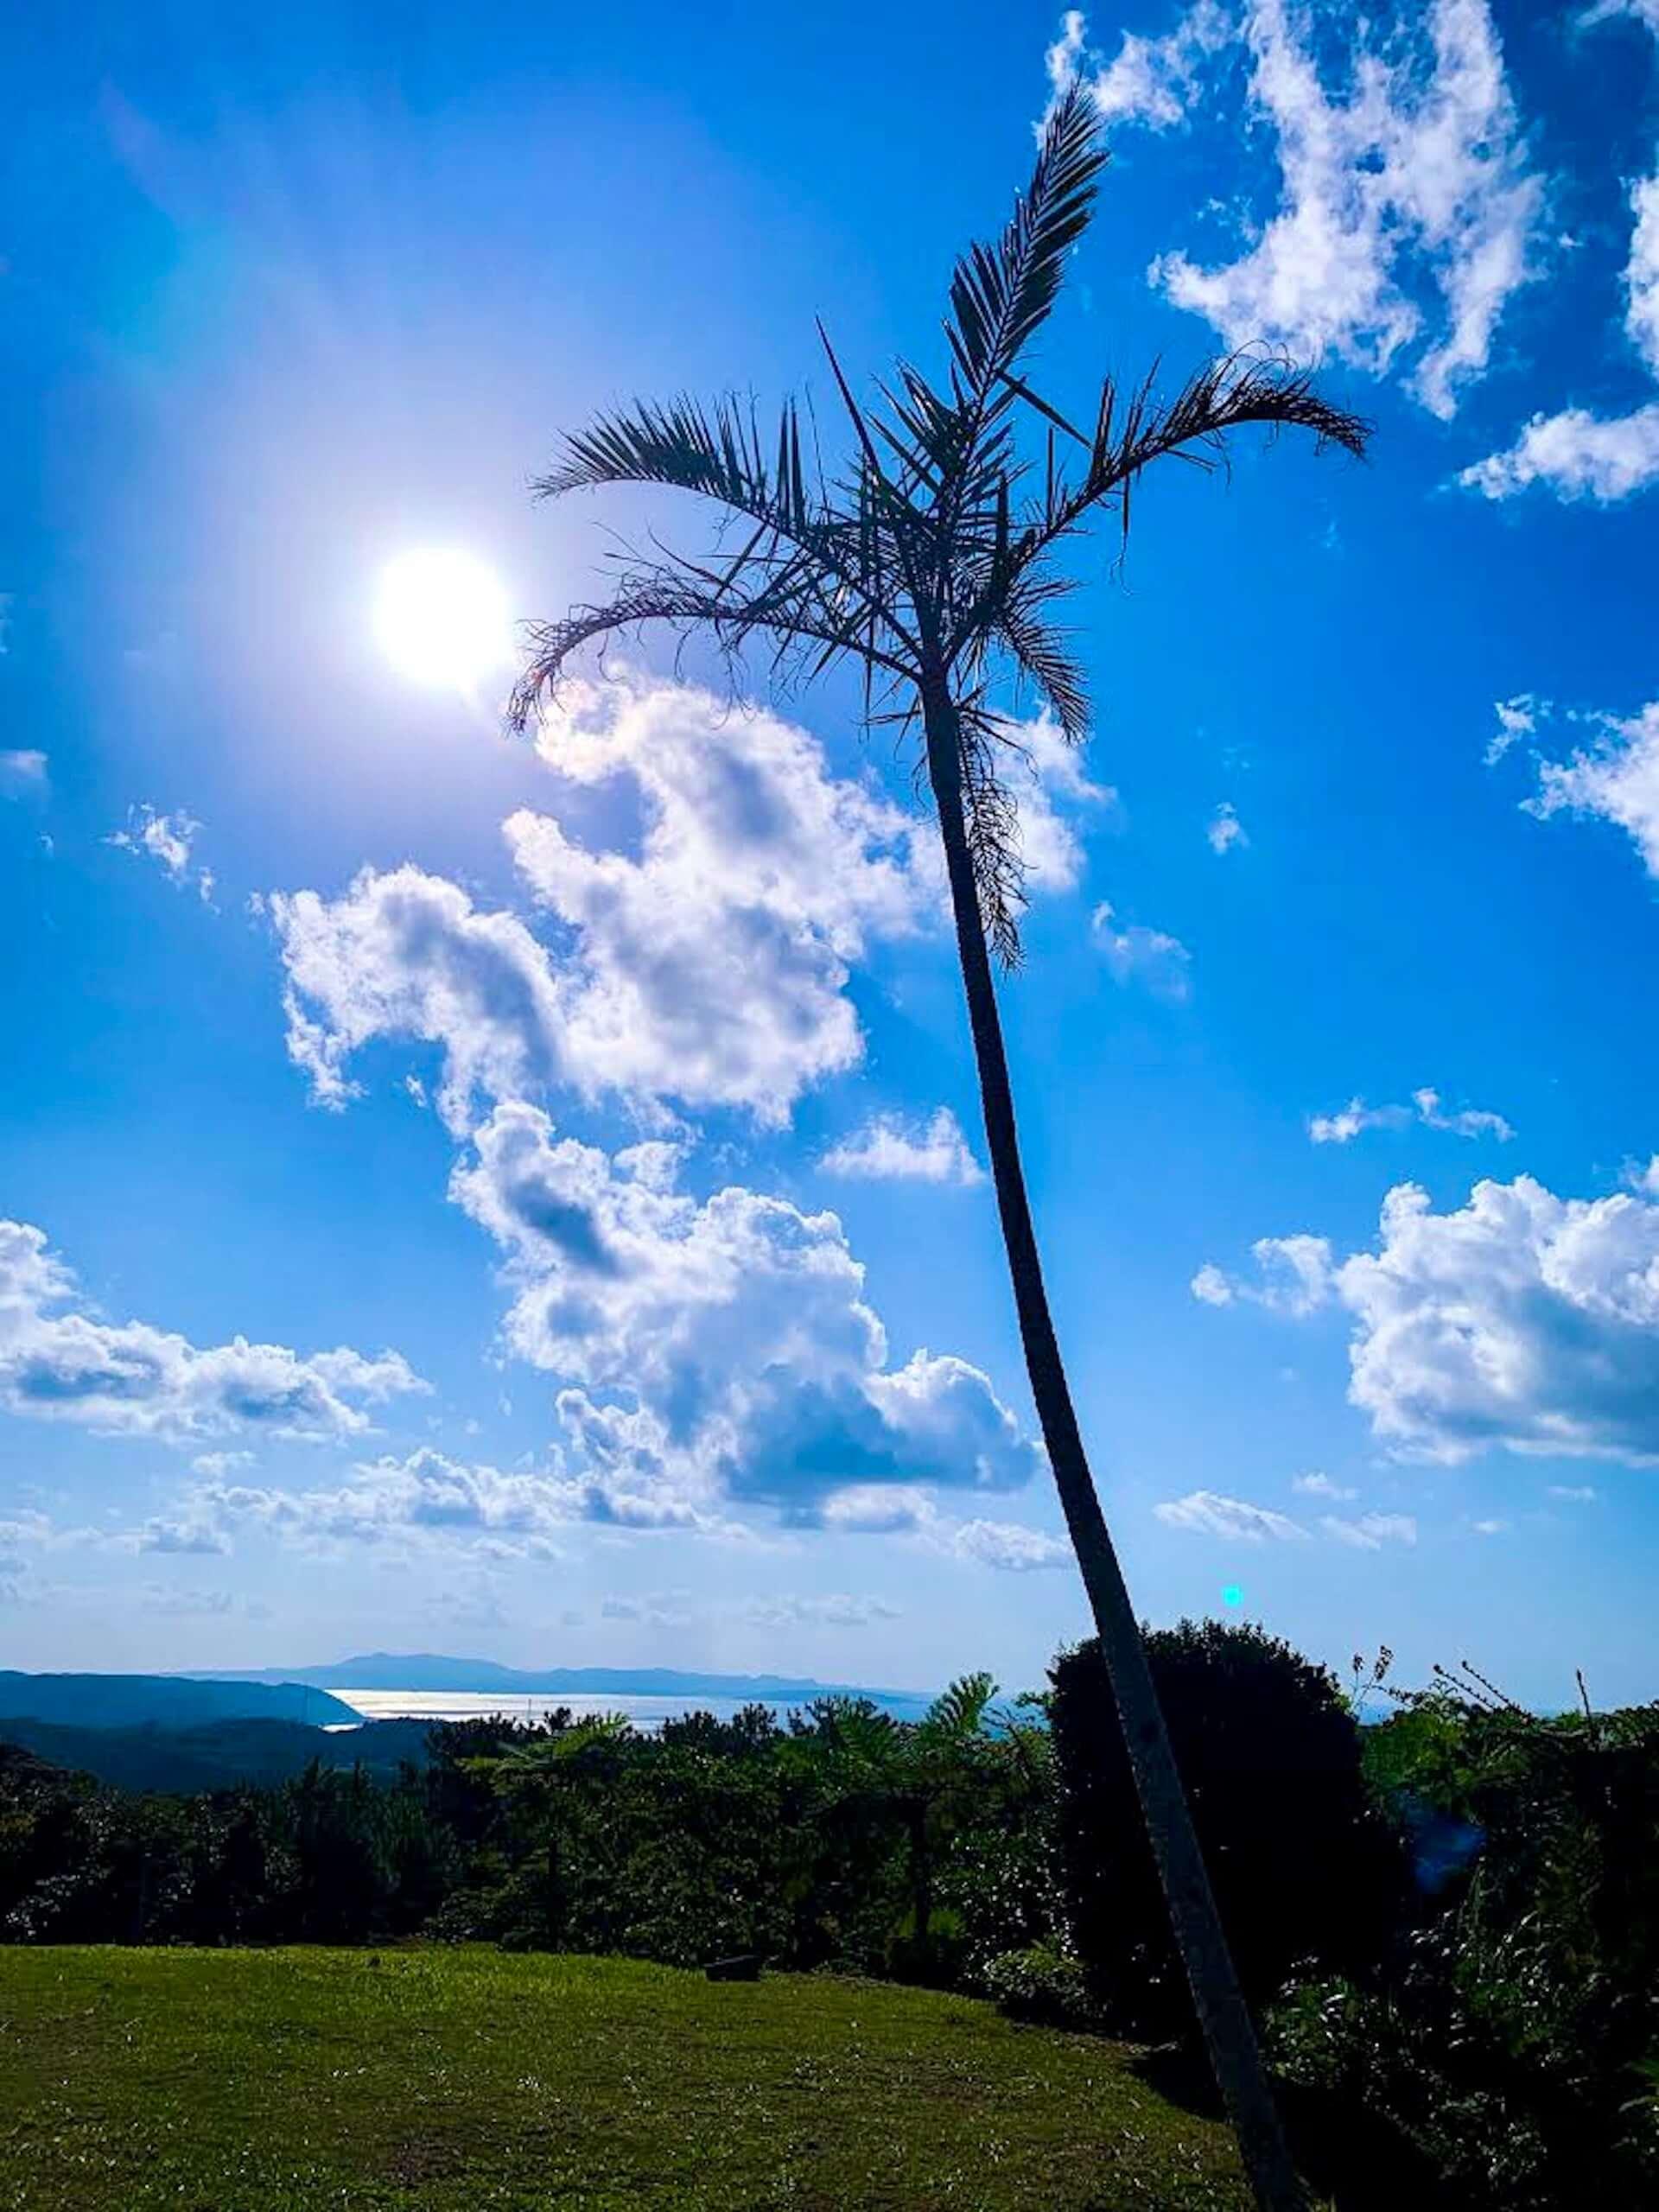 沖縄の絶景スポットで開催される野外フェス<Agaitida 2020>第2弾ラインナップが発表!DJ Nobu、Wata Igarashi、Gonno、Licaxxx、Shhhhhが出演決定 music201014_agaitida_4-1920x2560